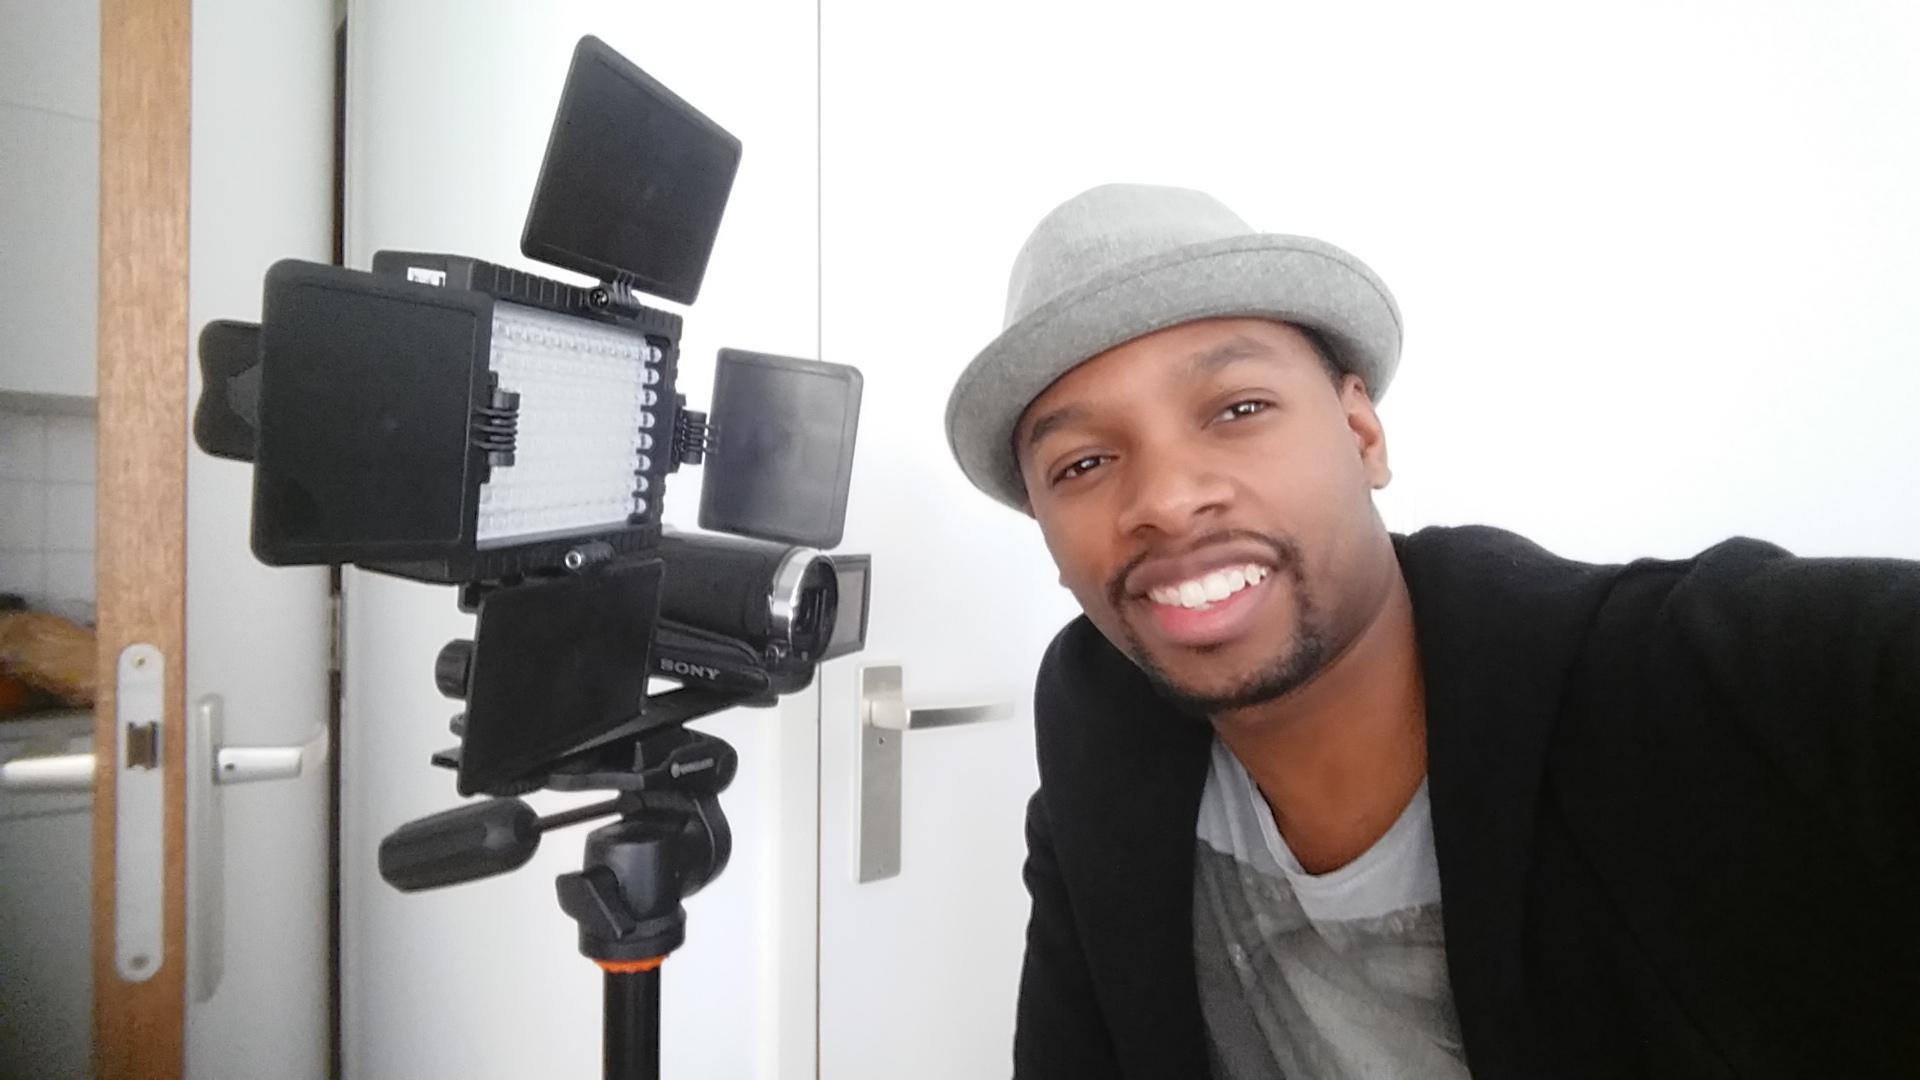 Rogier camera